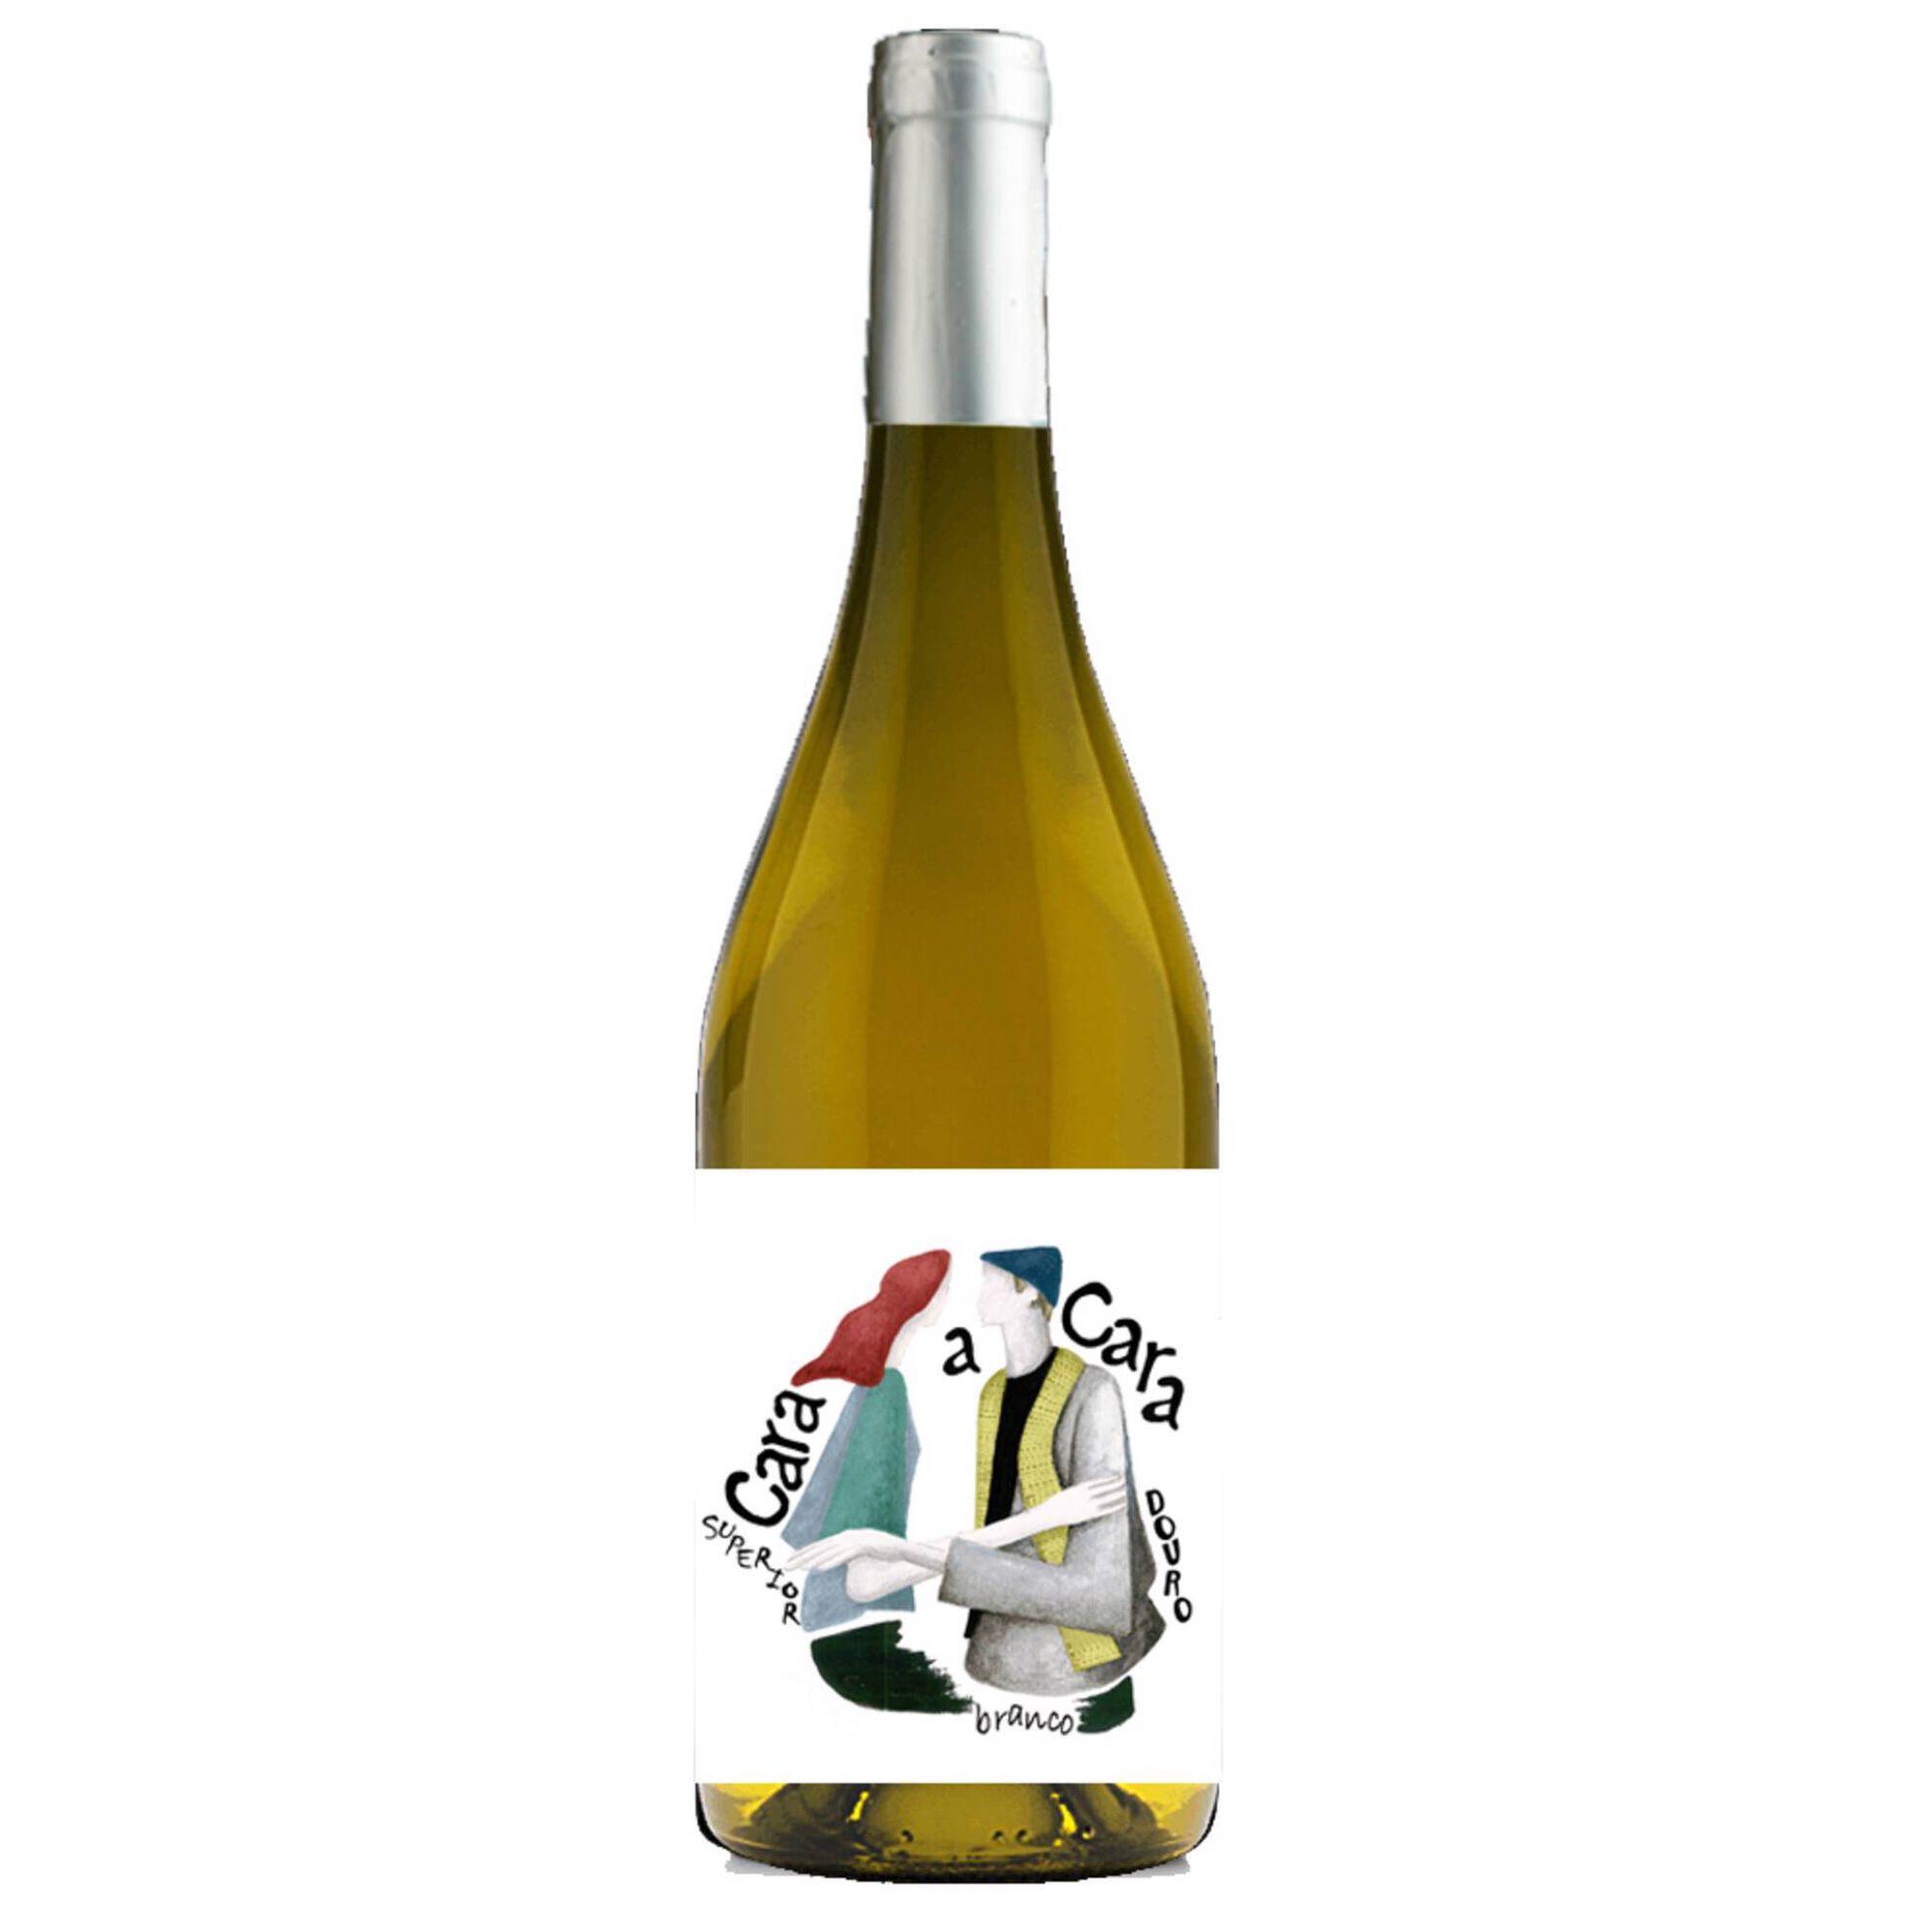 Cara a Cara Superior DOC Douro Vinho Branco